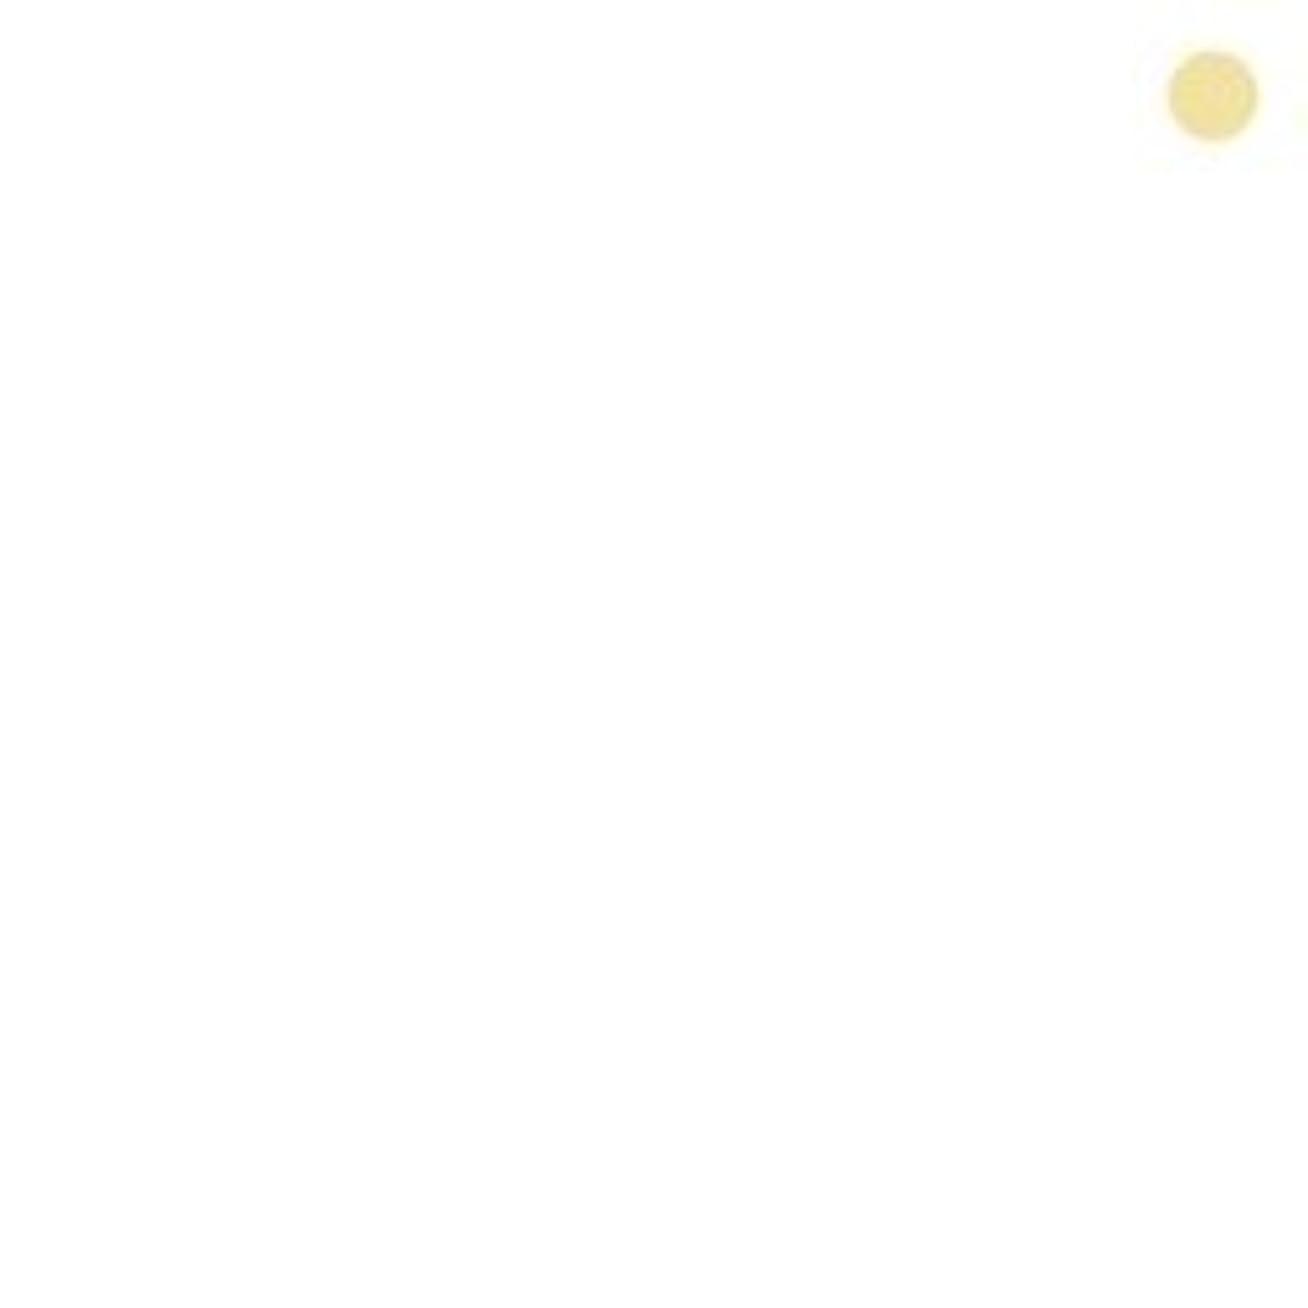 下手区別するディベート【カバーマーク】ジャスミーカラー パウダリーファンデーション #YN10 (レフィル)